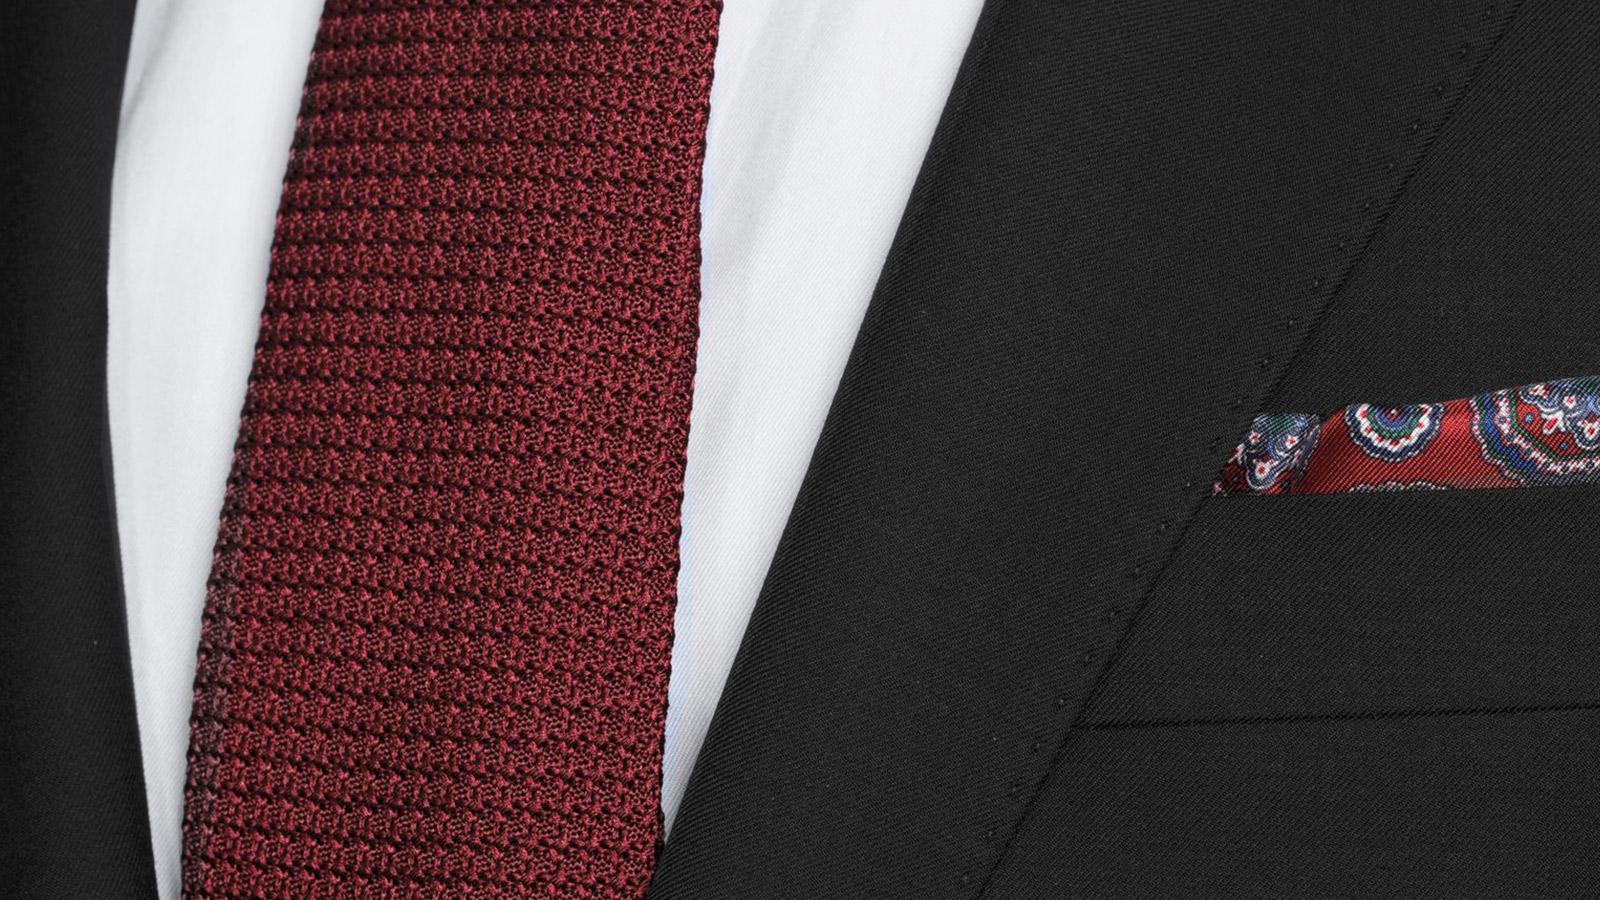 Premium Black Suit - slider image 1